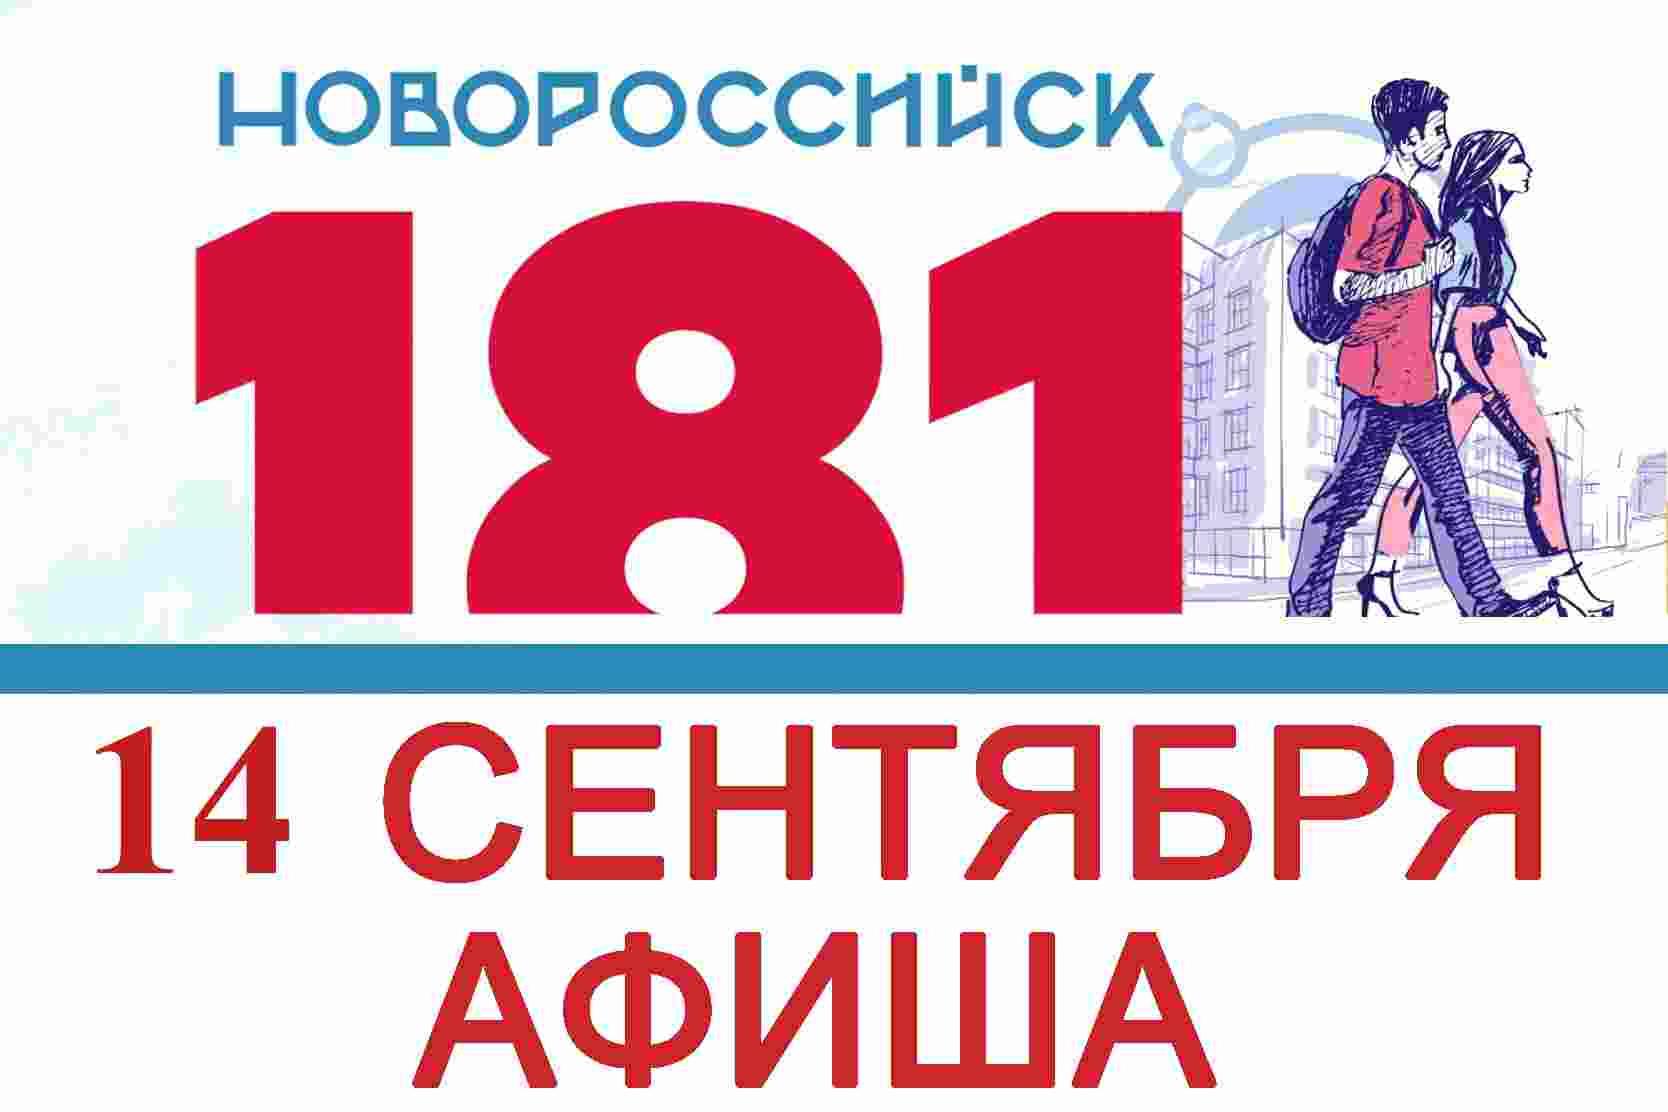 Сегодня в Новороссийске будет много интересного